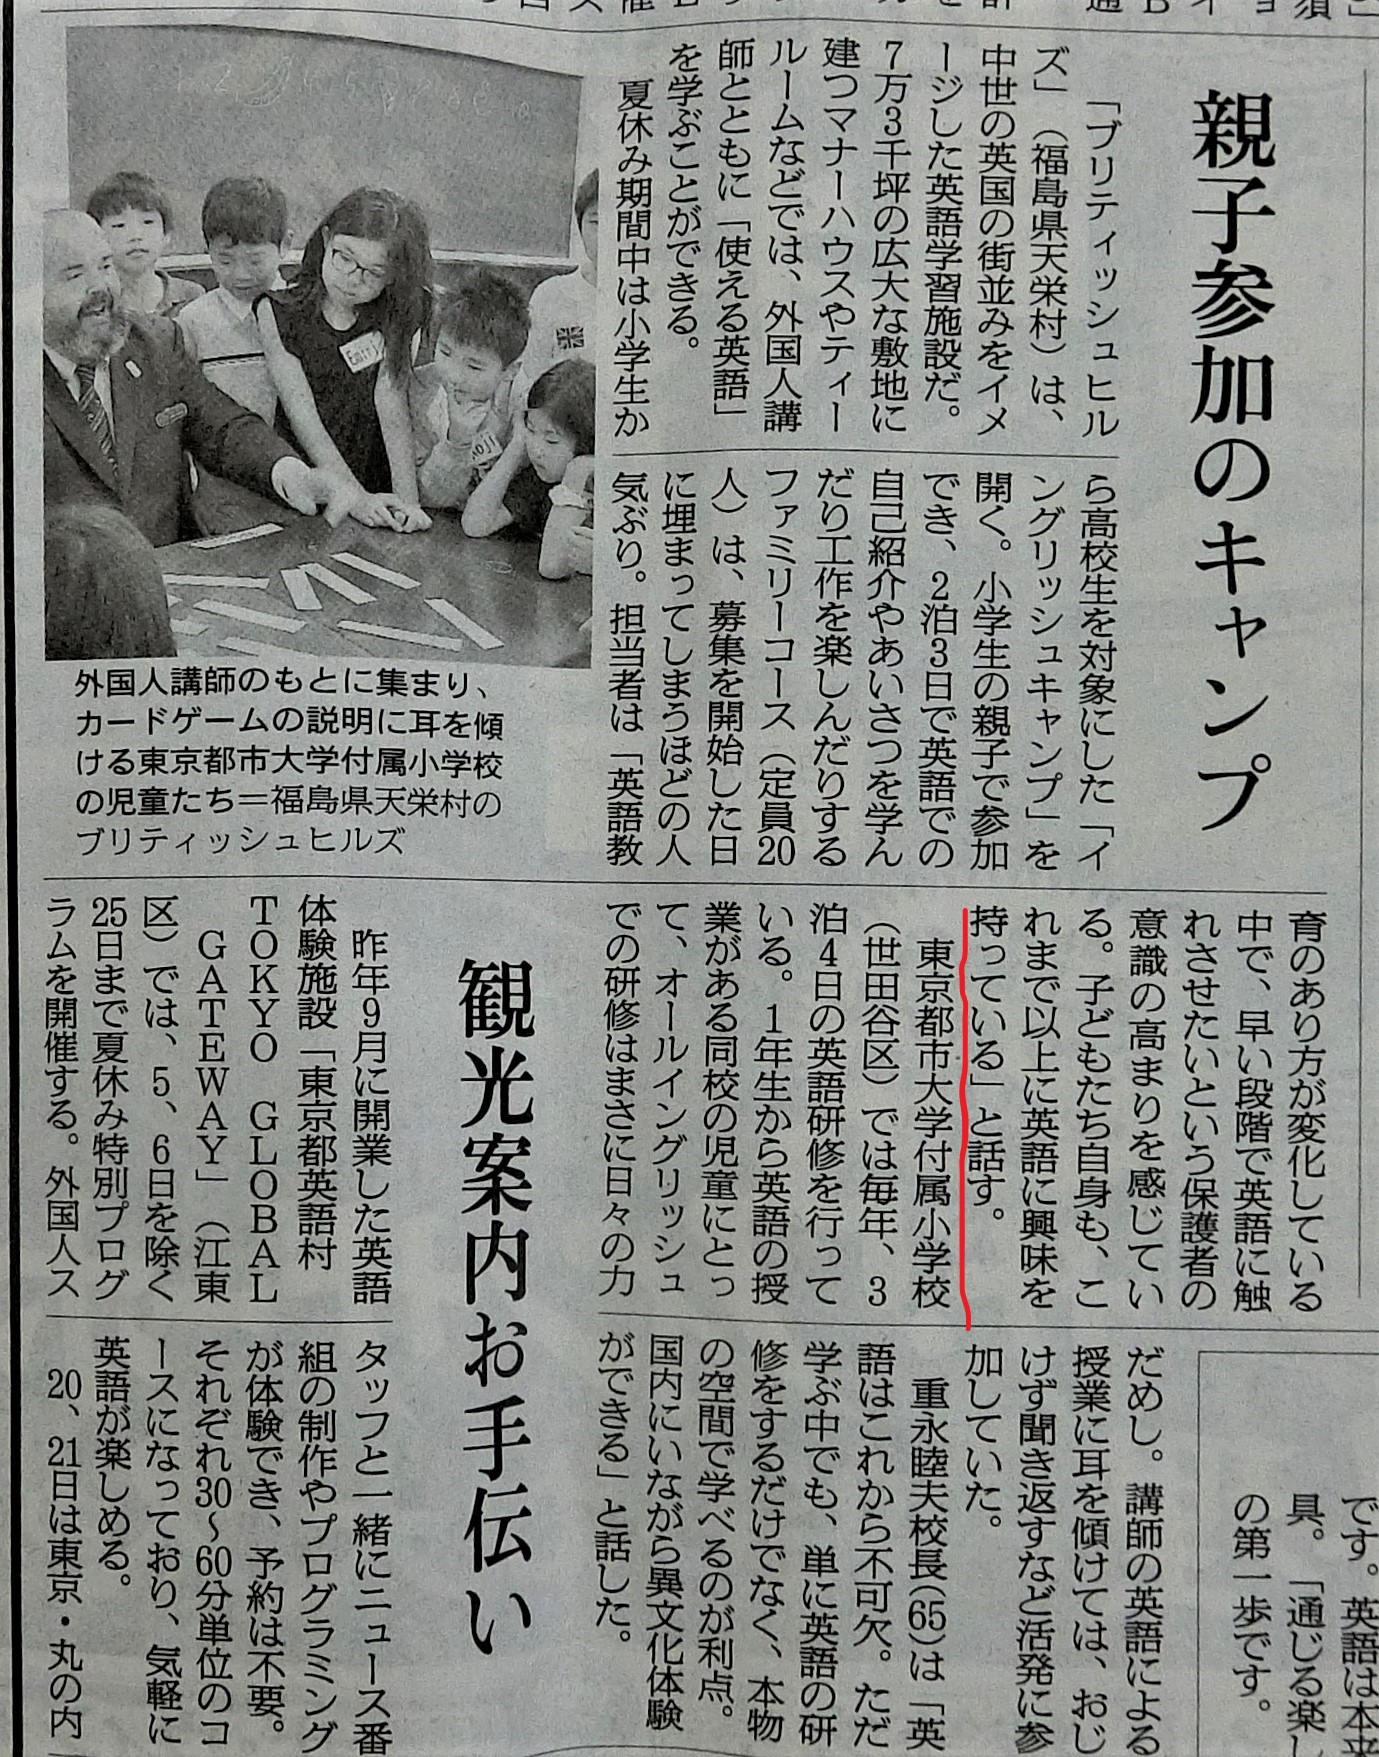 朝日新聞8月3日東京版 (2)-2.jpg